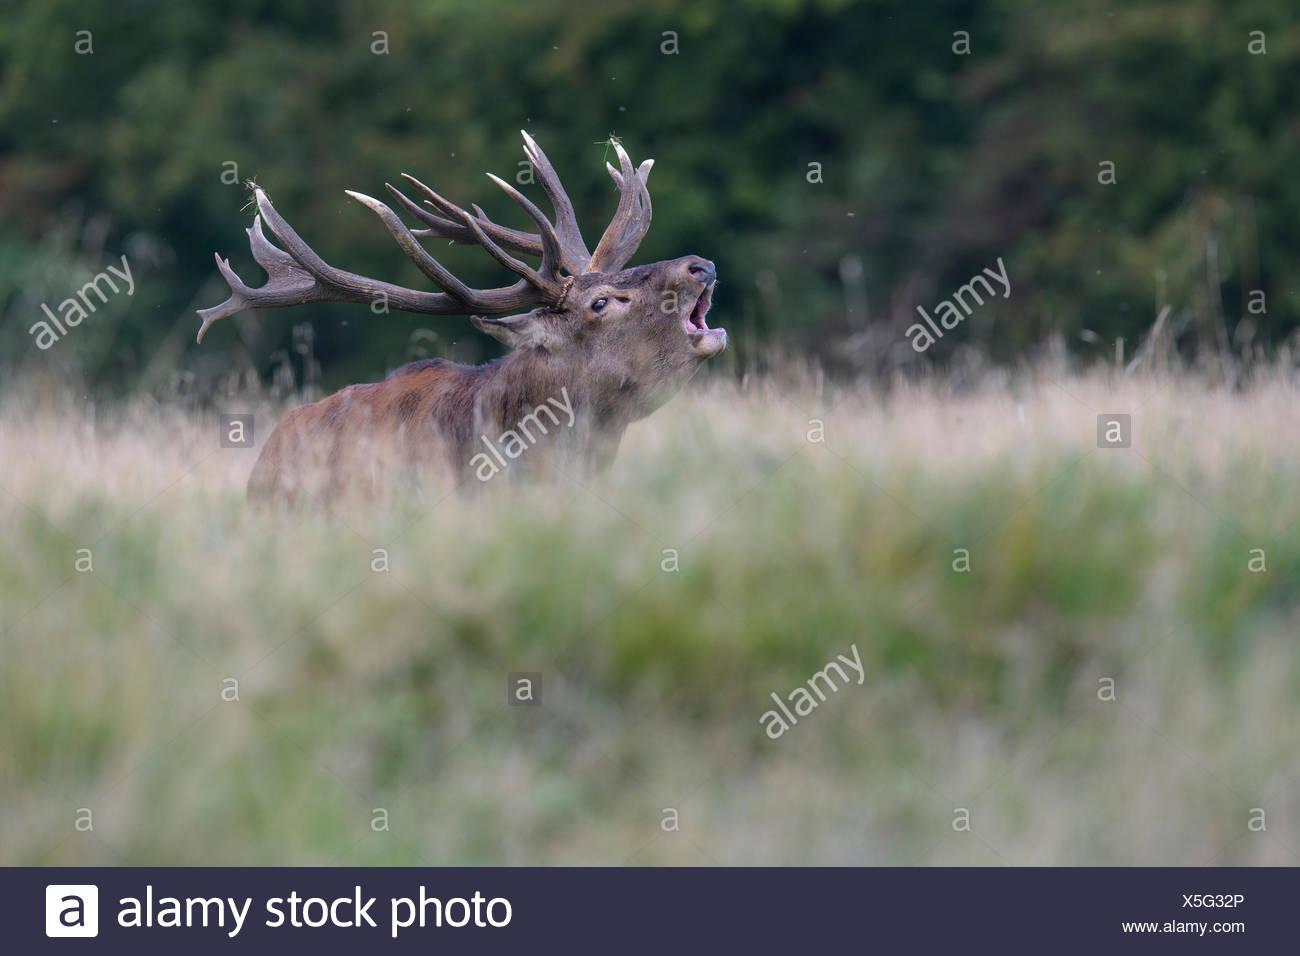 Red deer (Cervus elaphus), Royal Stag roaring, Zealand, Denmark - Stock Image